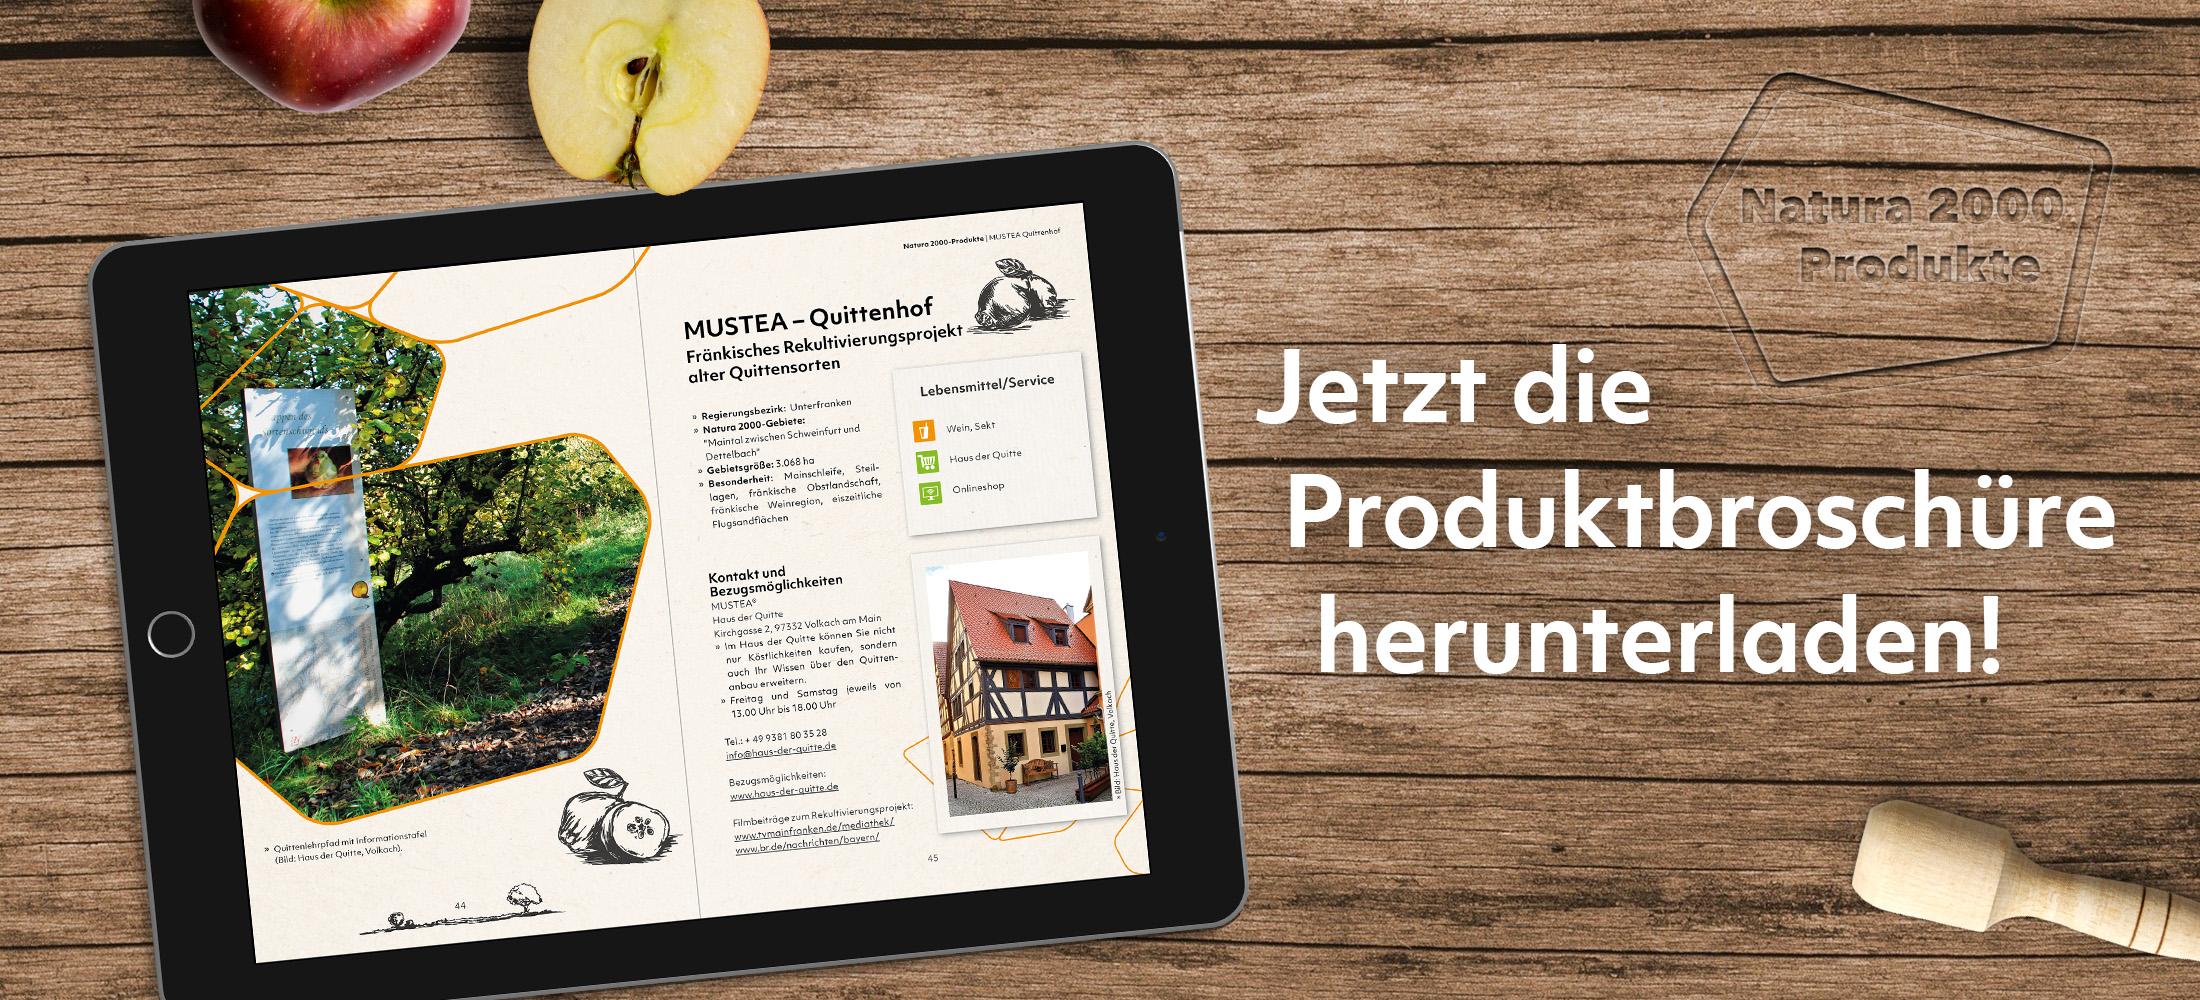 Bewerbung der Webversion Natura 2000-Produktbroschüre